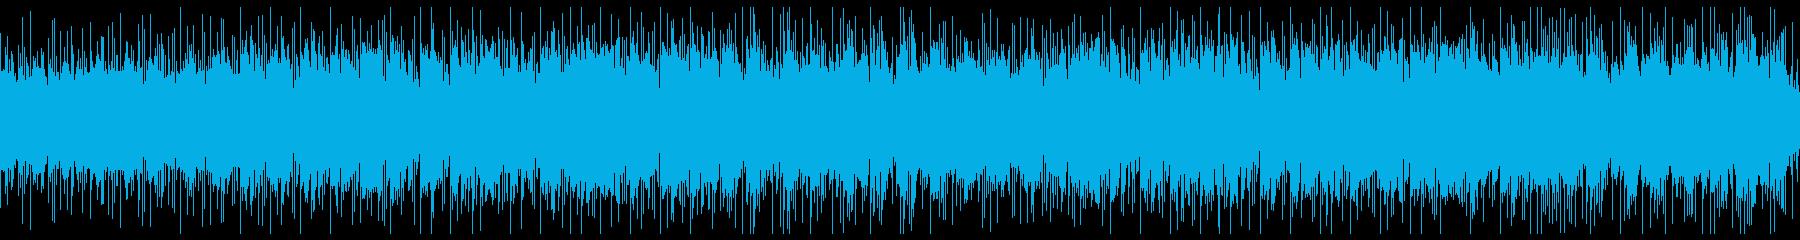 ゲームの氷の洞窟のシーンをイメージした曲の再生済みの波形